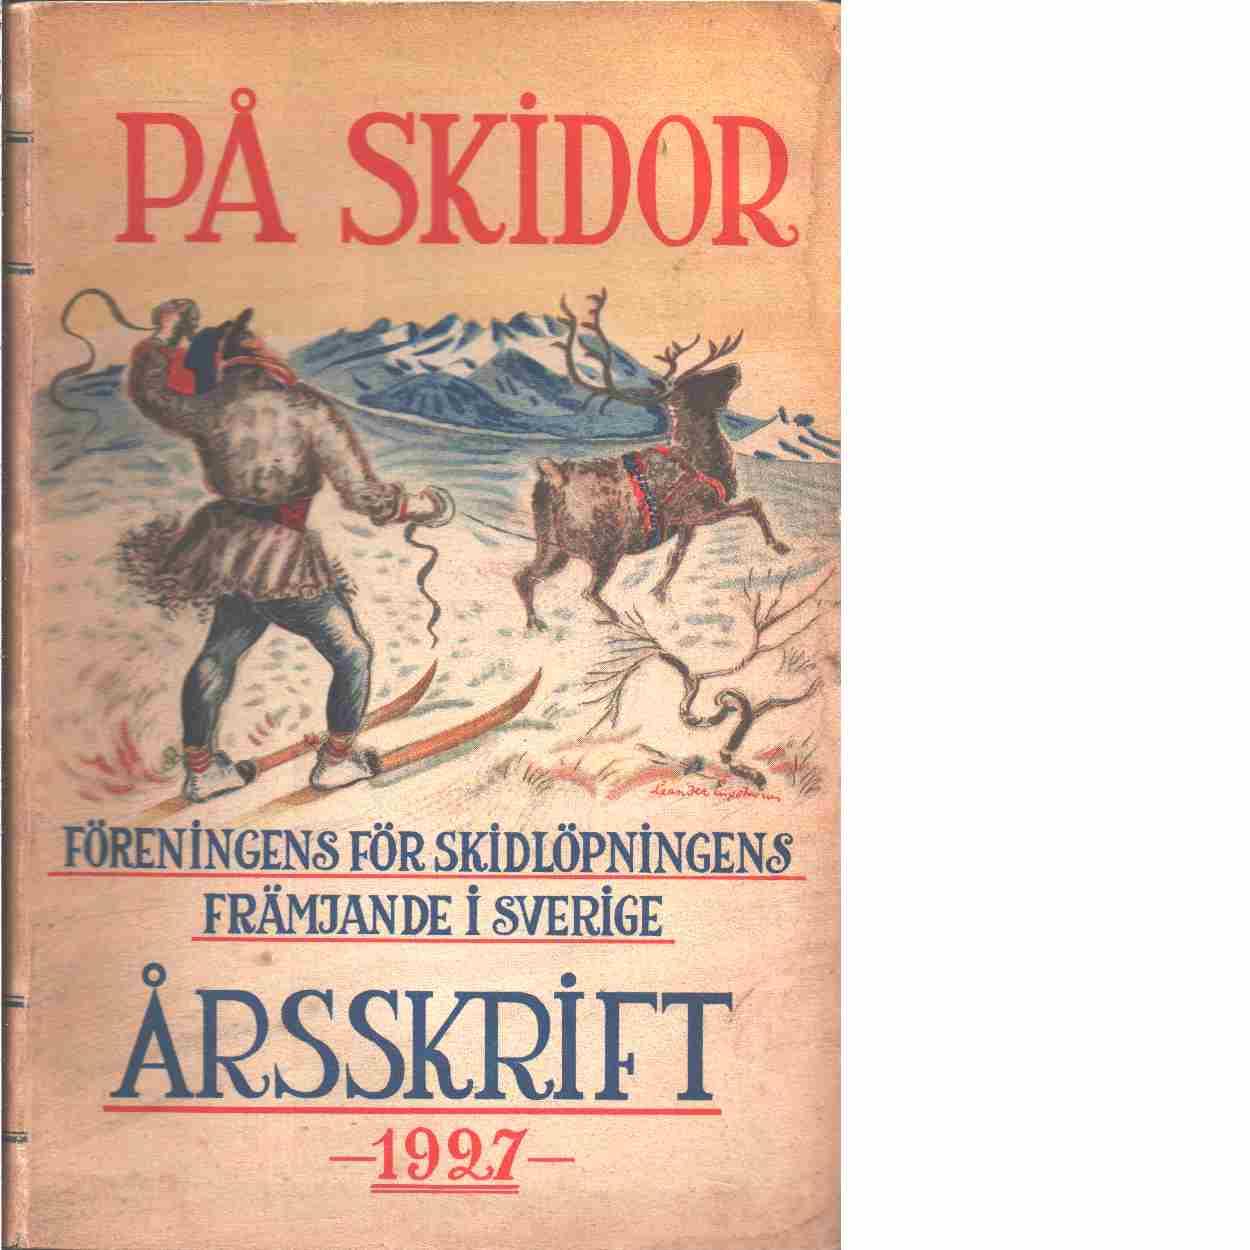 På skidor : Skid- och friluftsfrämjandets årsbok. Årsbok 1927 - Skid- och friluftsfrämjandet